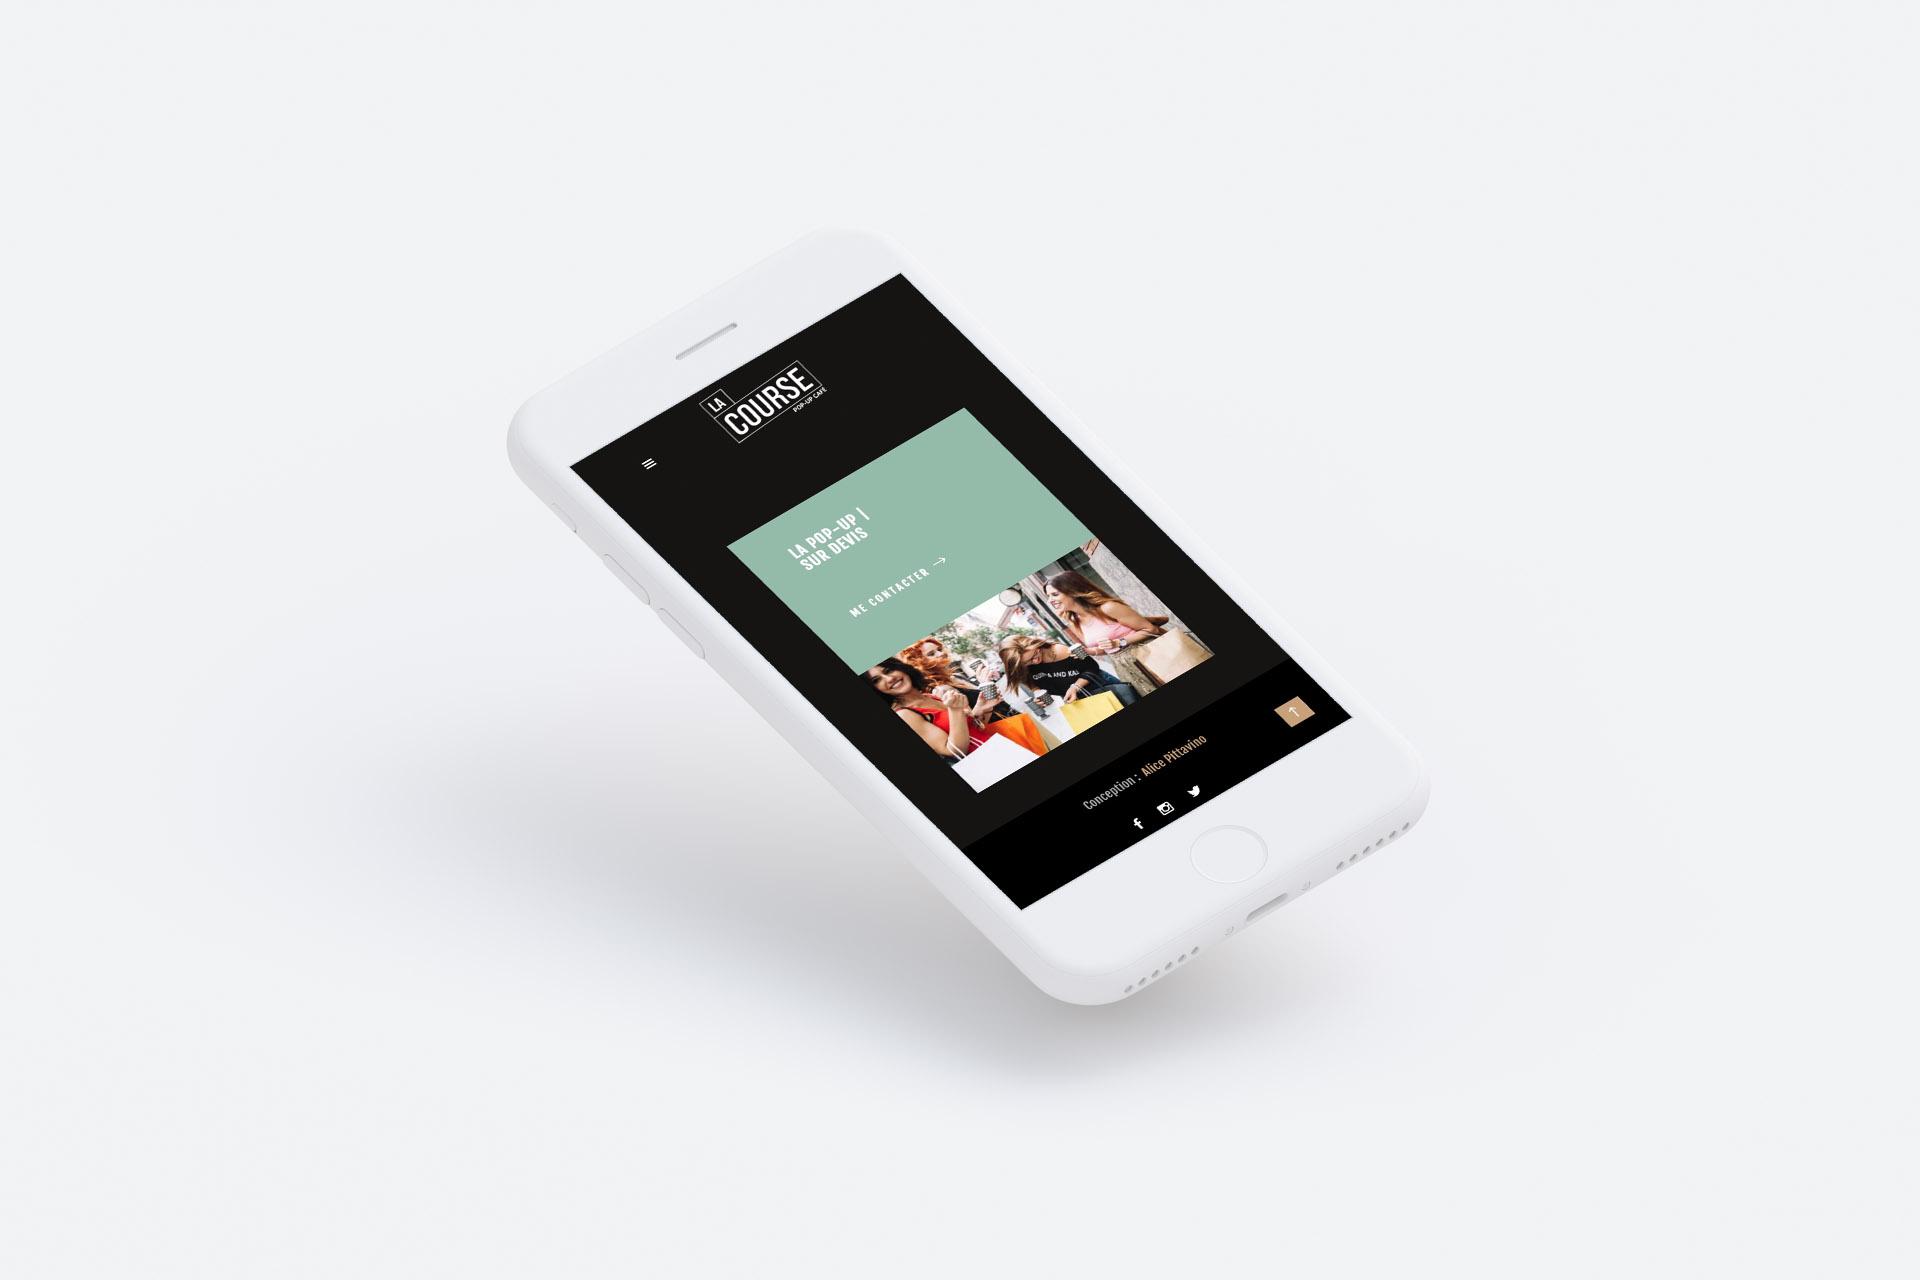 le course lyon vue iphone responsive site vitrine